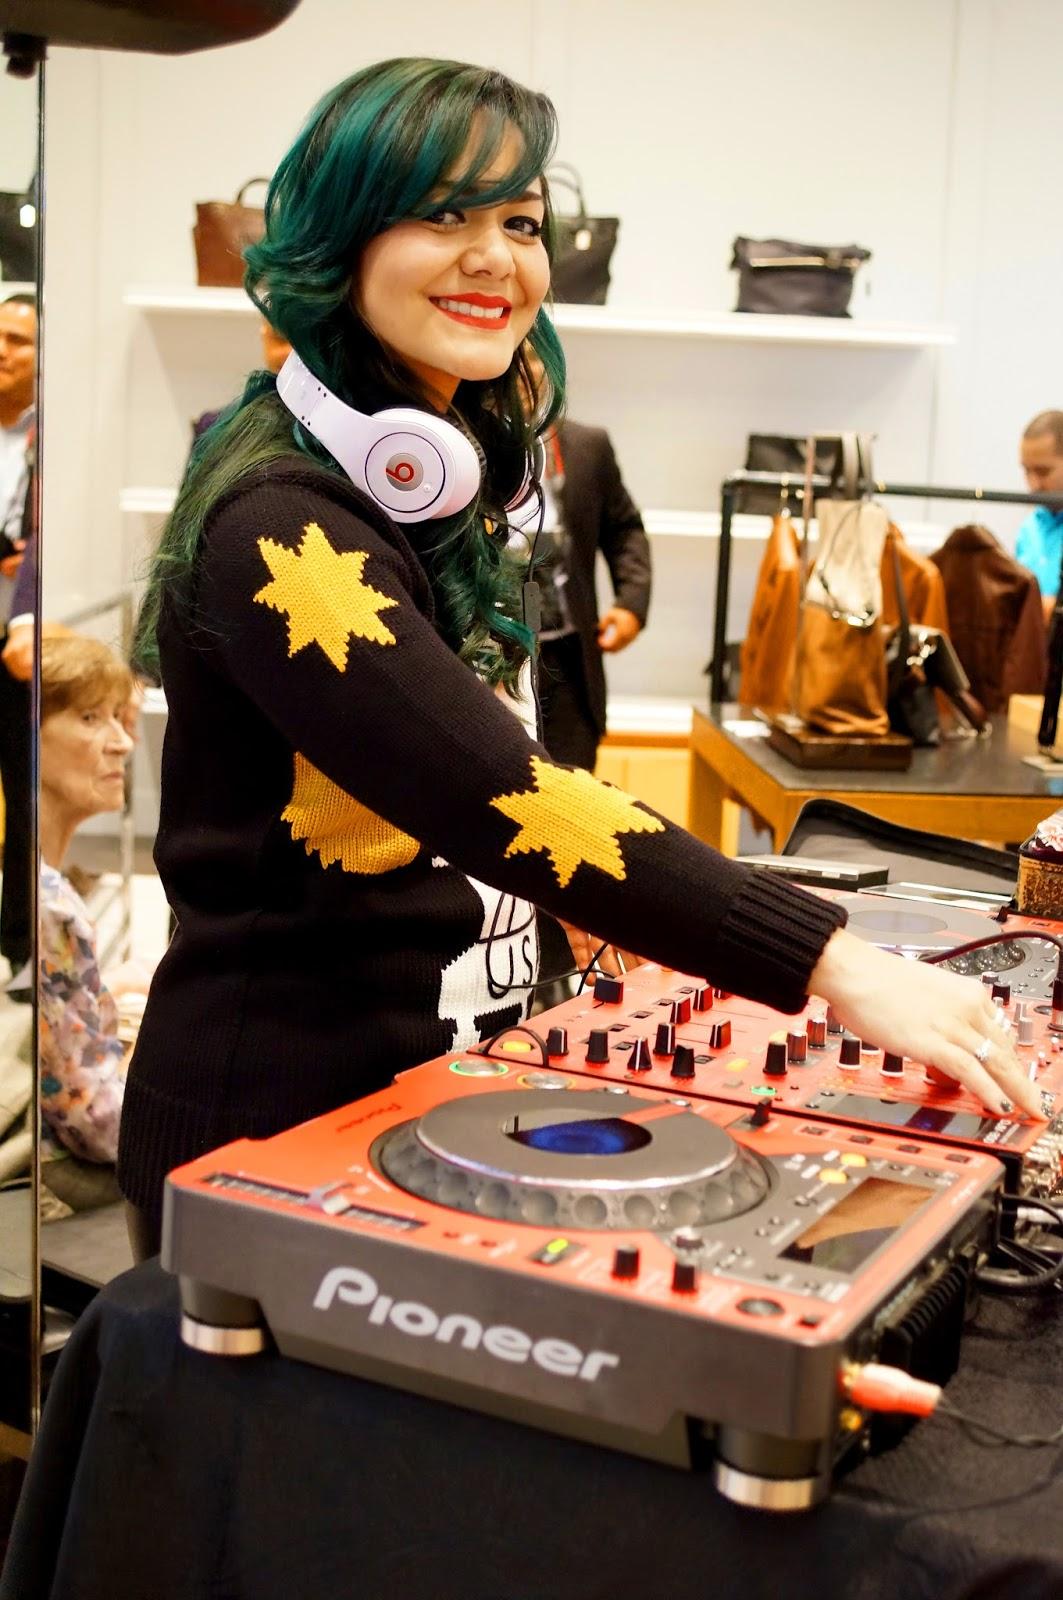 Panama DJ